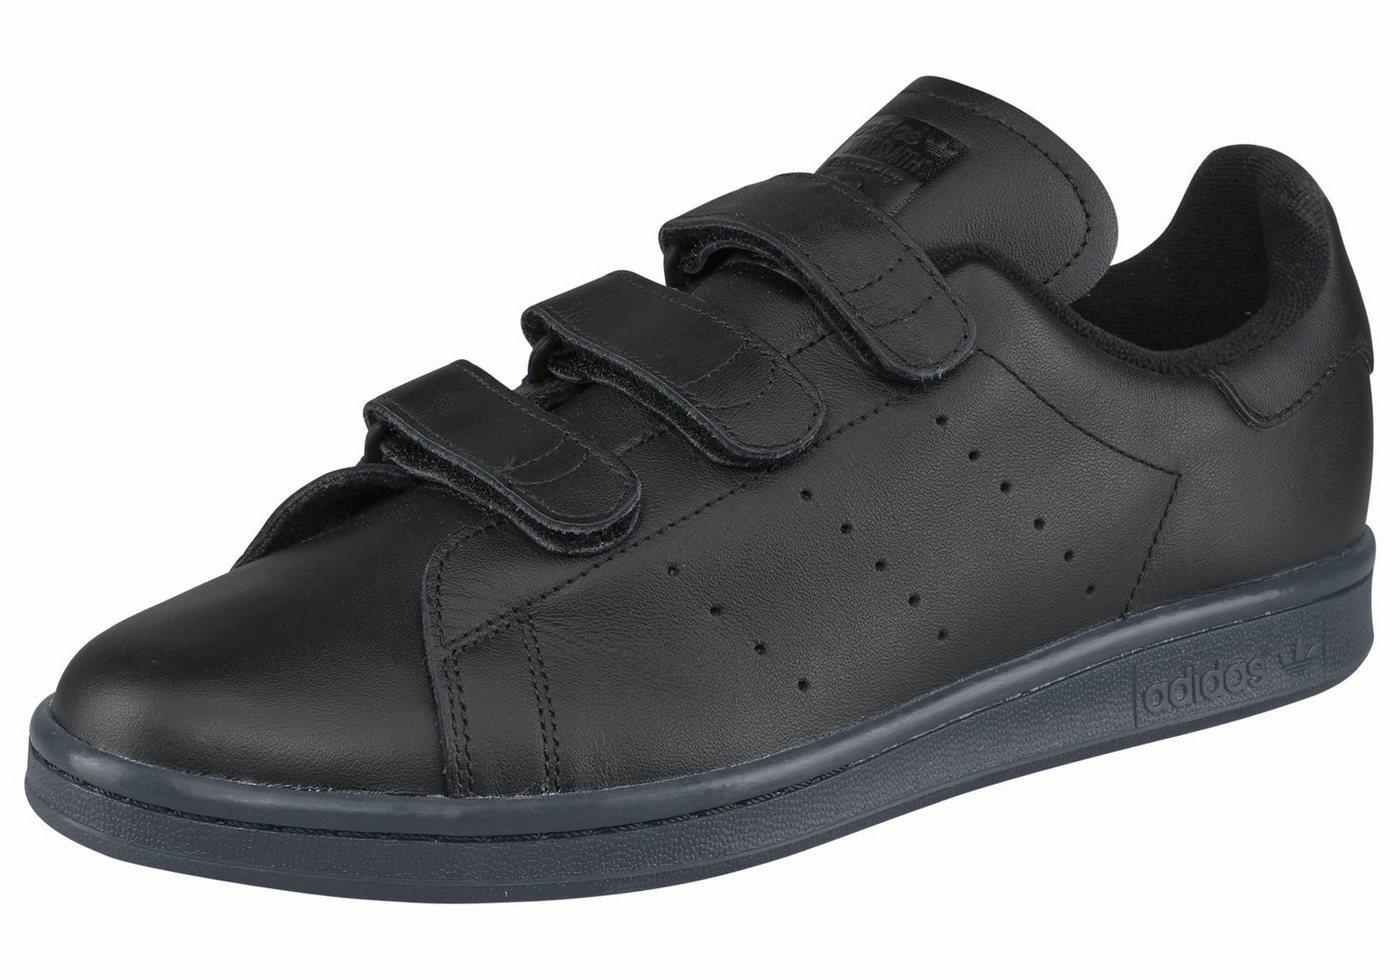 ADIDAS ORIGINALS Sneakers Stan Smith CF